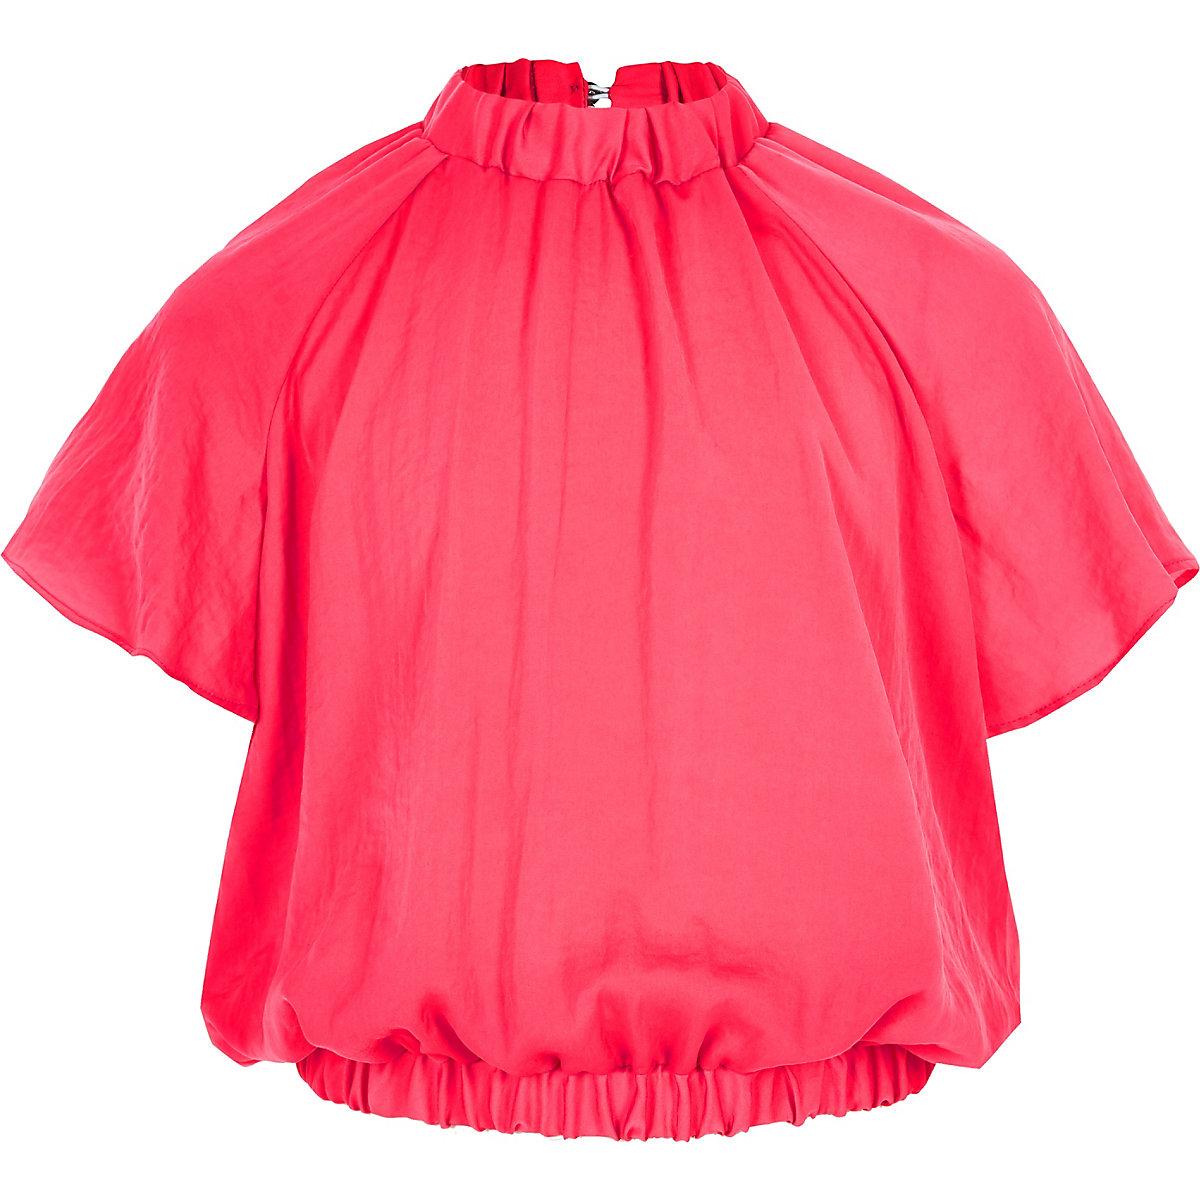 Girls pink ruffle blouse